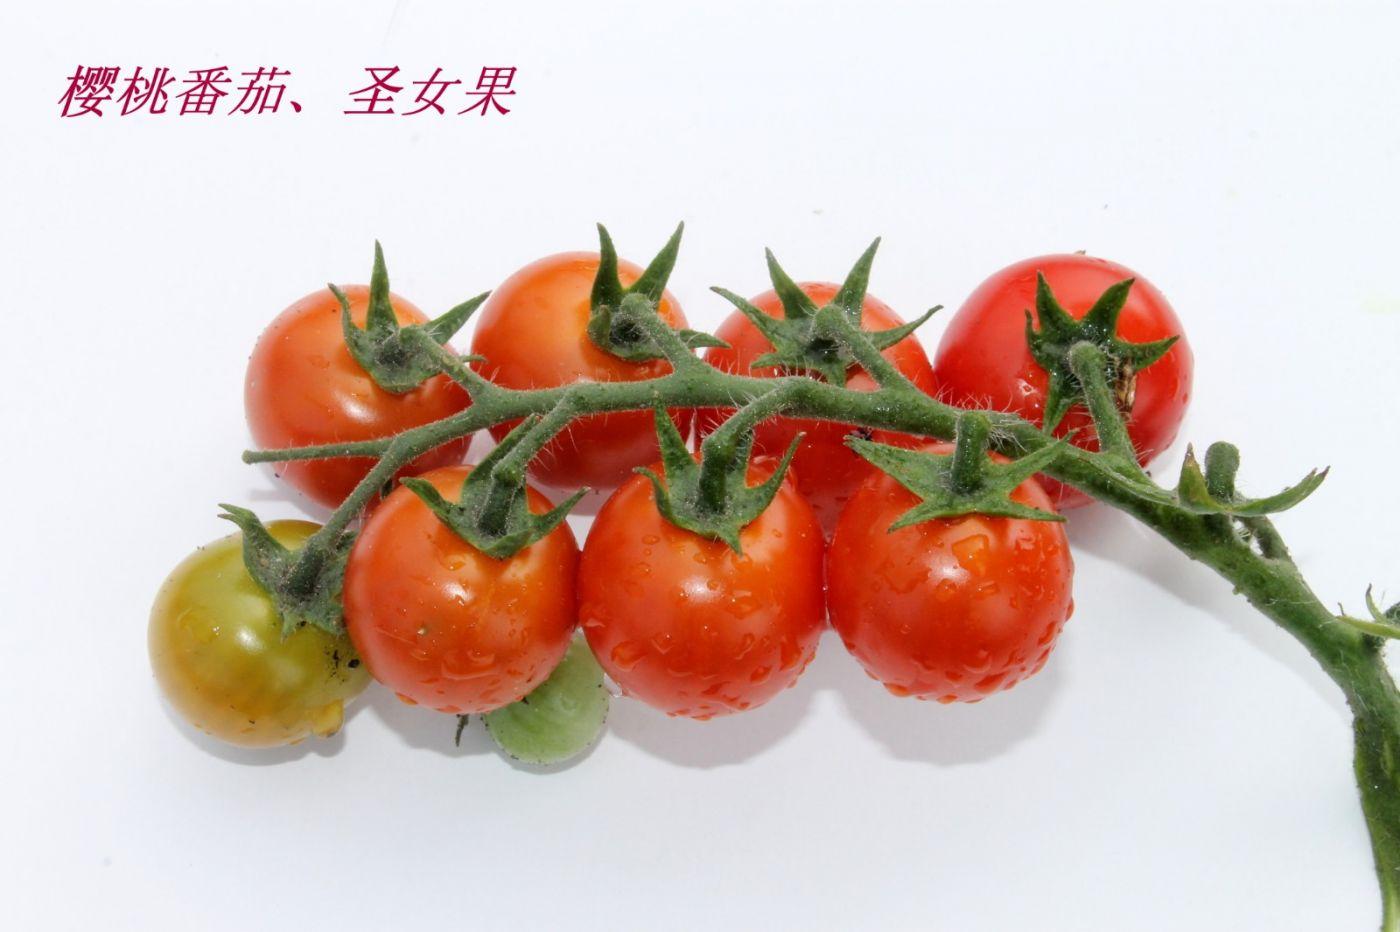 花草图谱 (34)_图1-4